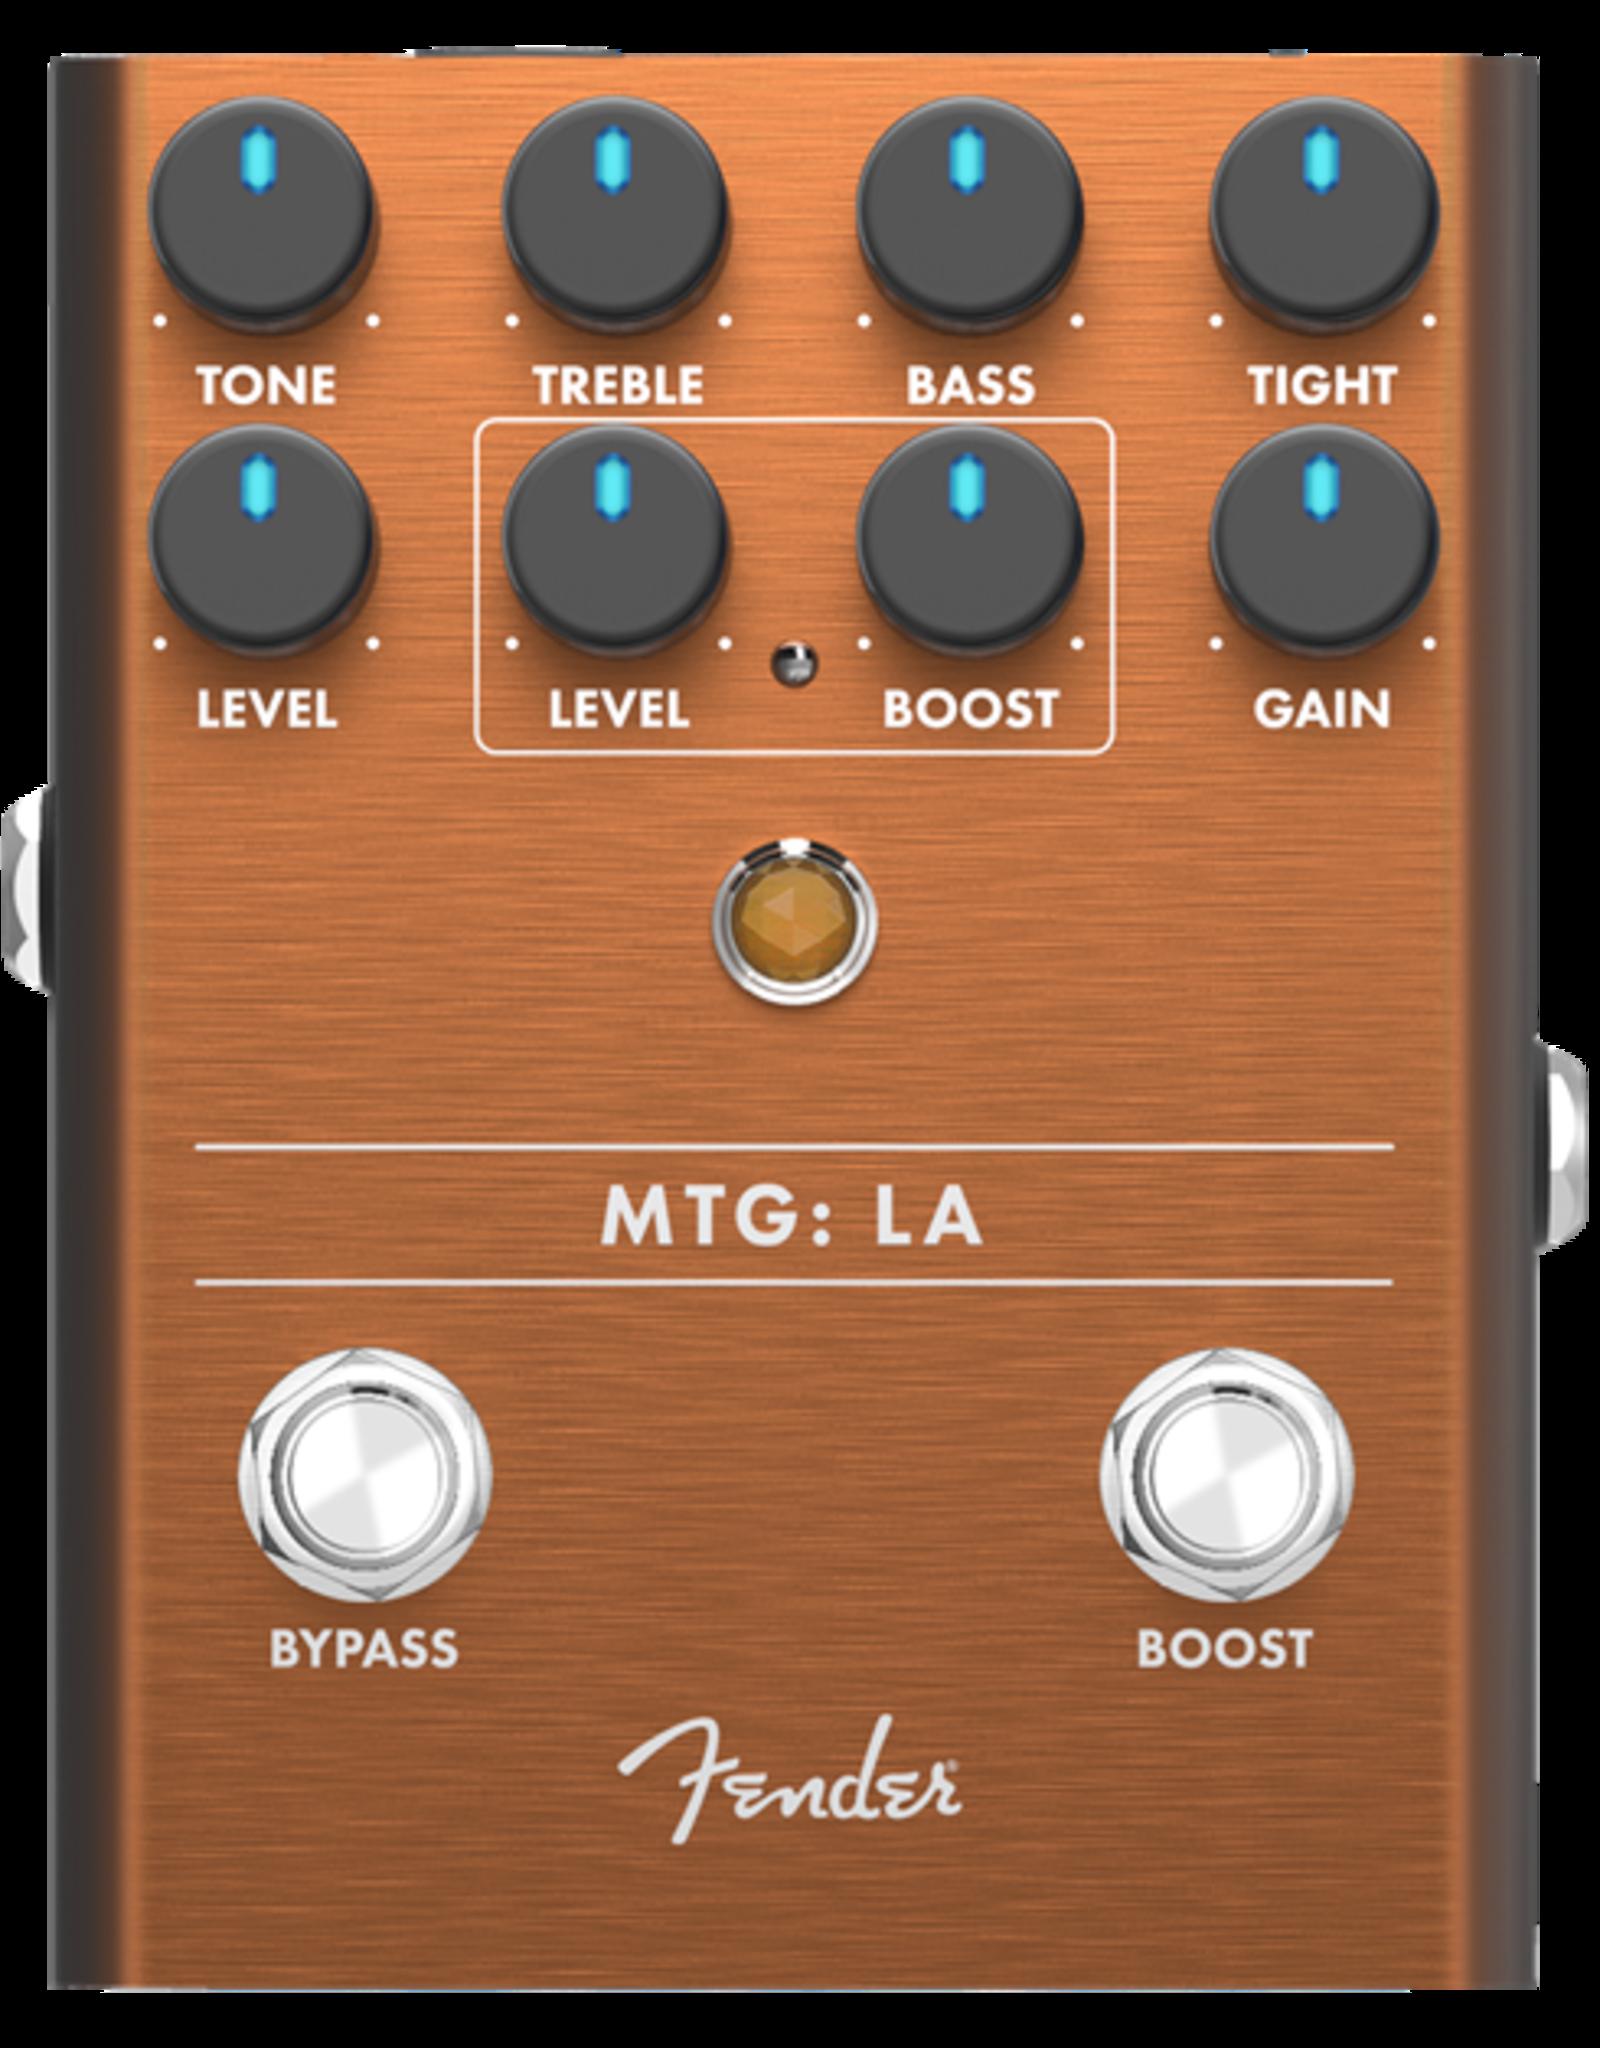 Fender Fender MTG Tube Distortion